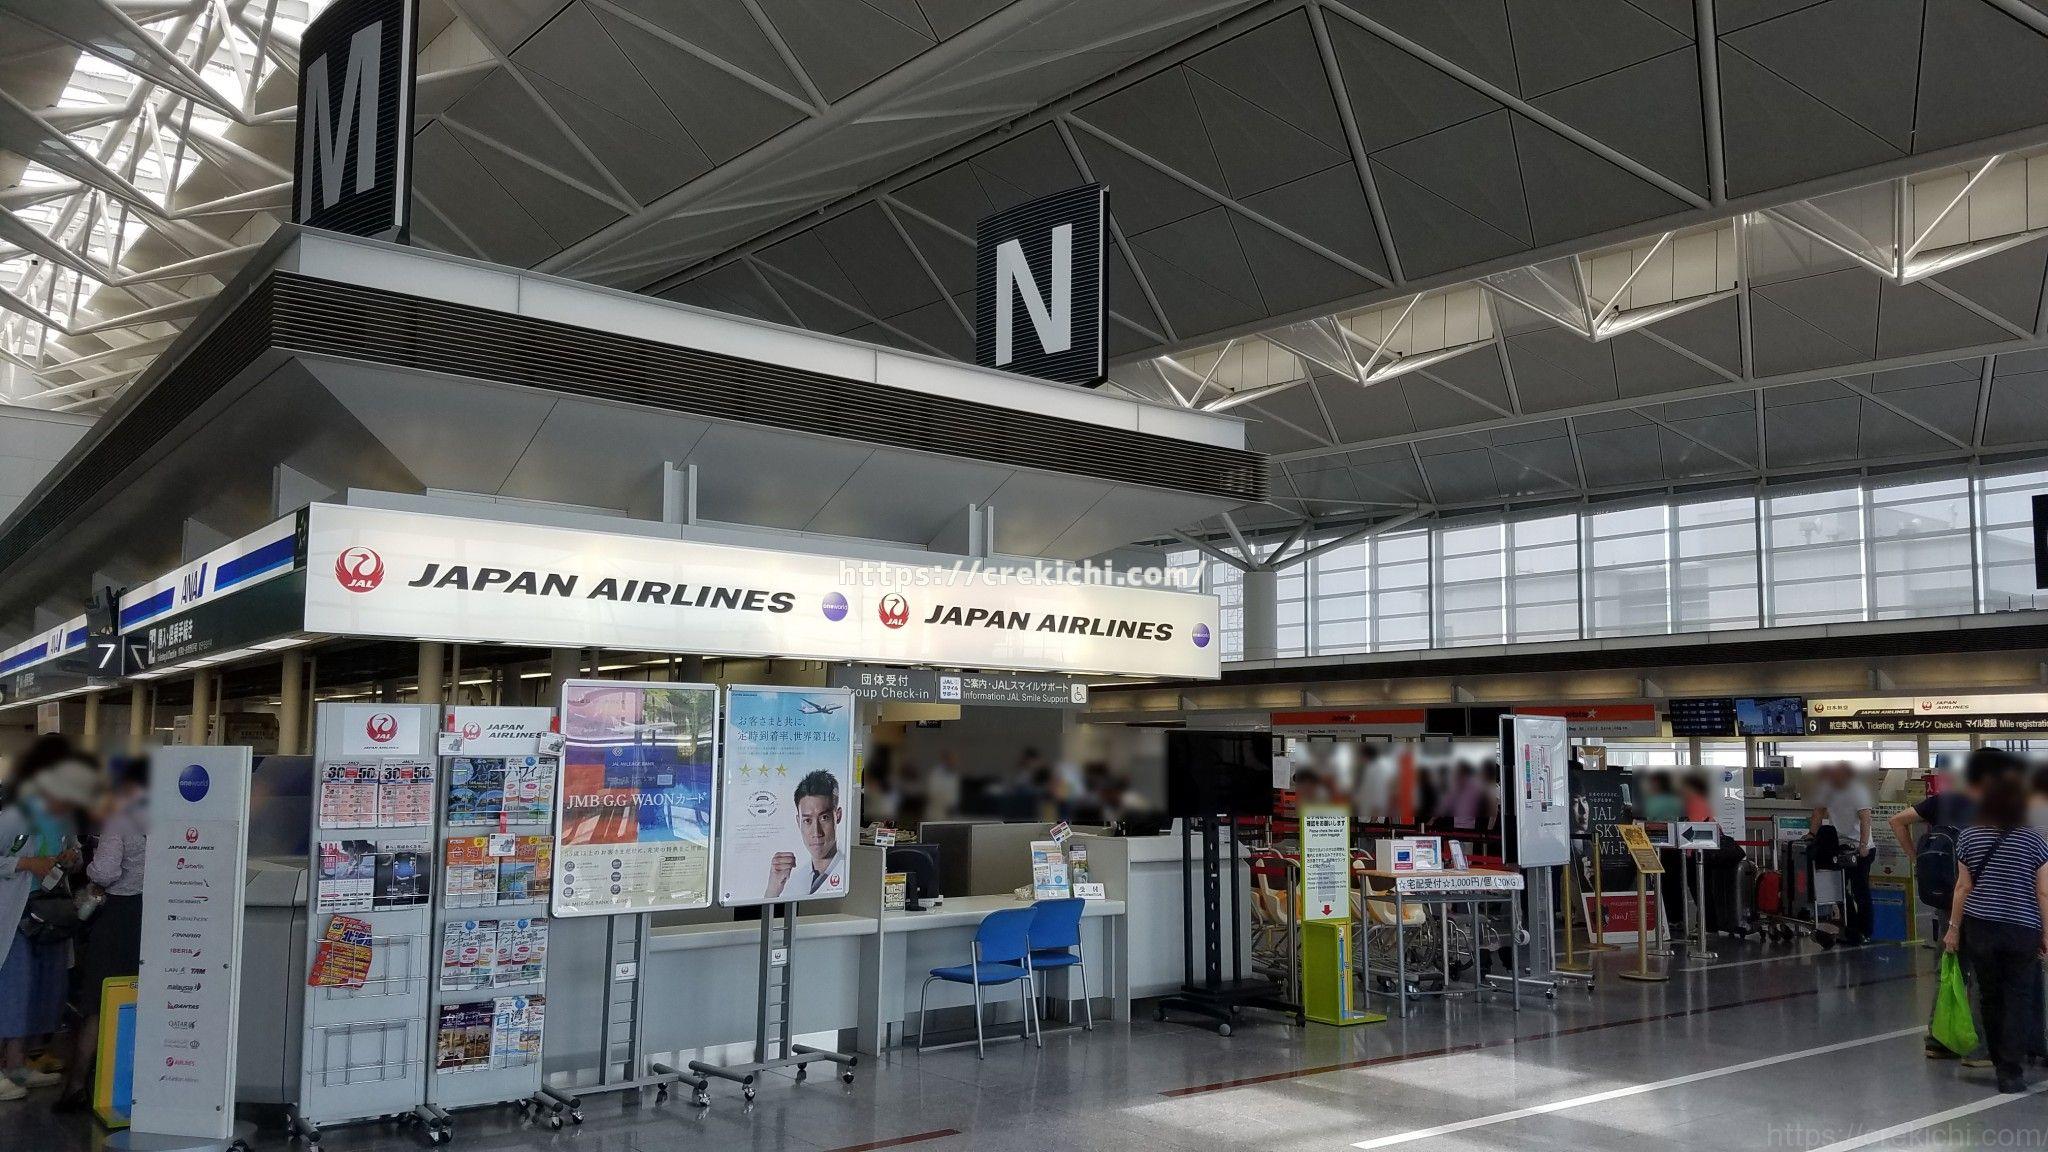 BAマイルでJAL国内線を予約した場合は必ず当日JAL国内線のチェックインカウンターへ